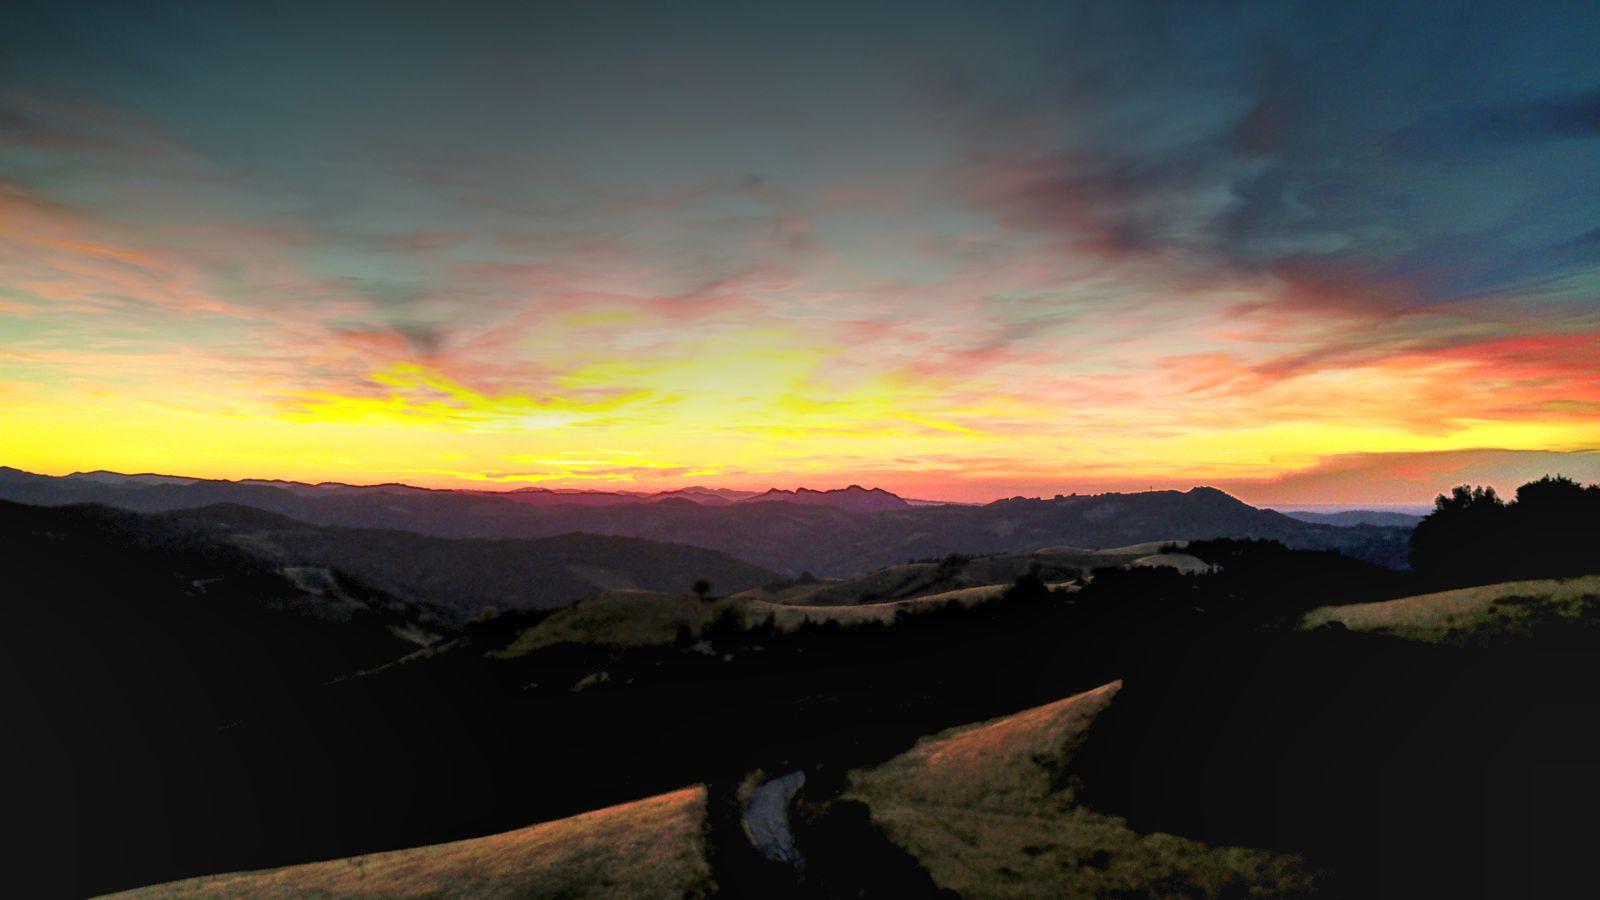 Sunset on the hillss